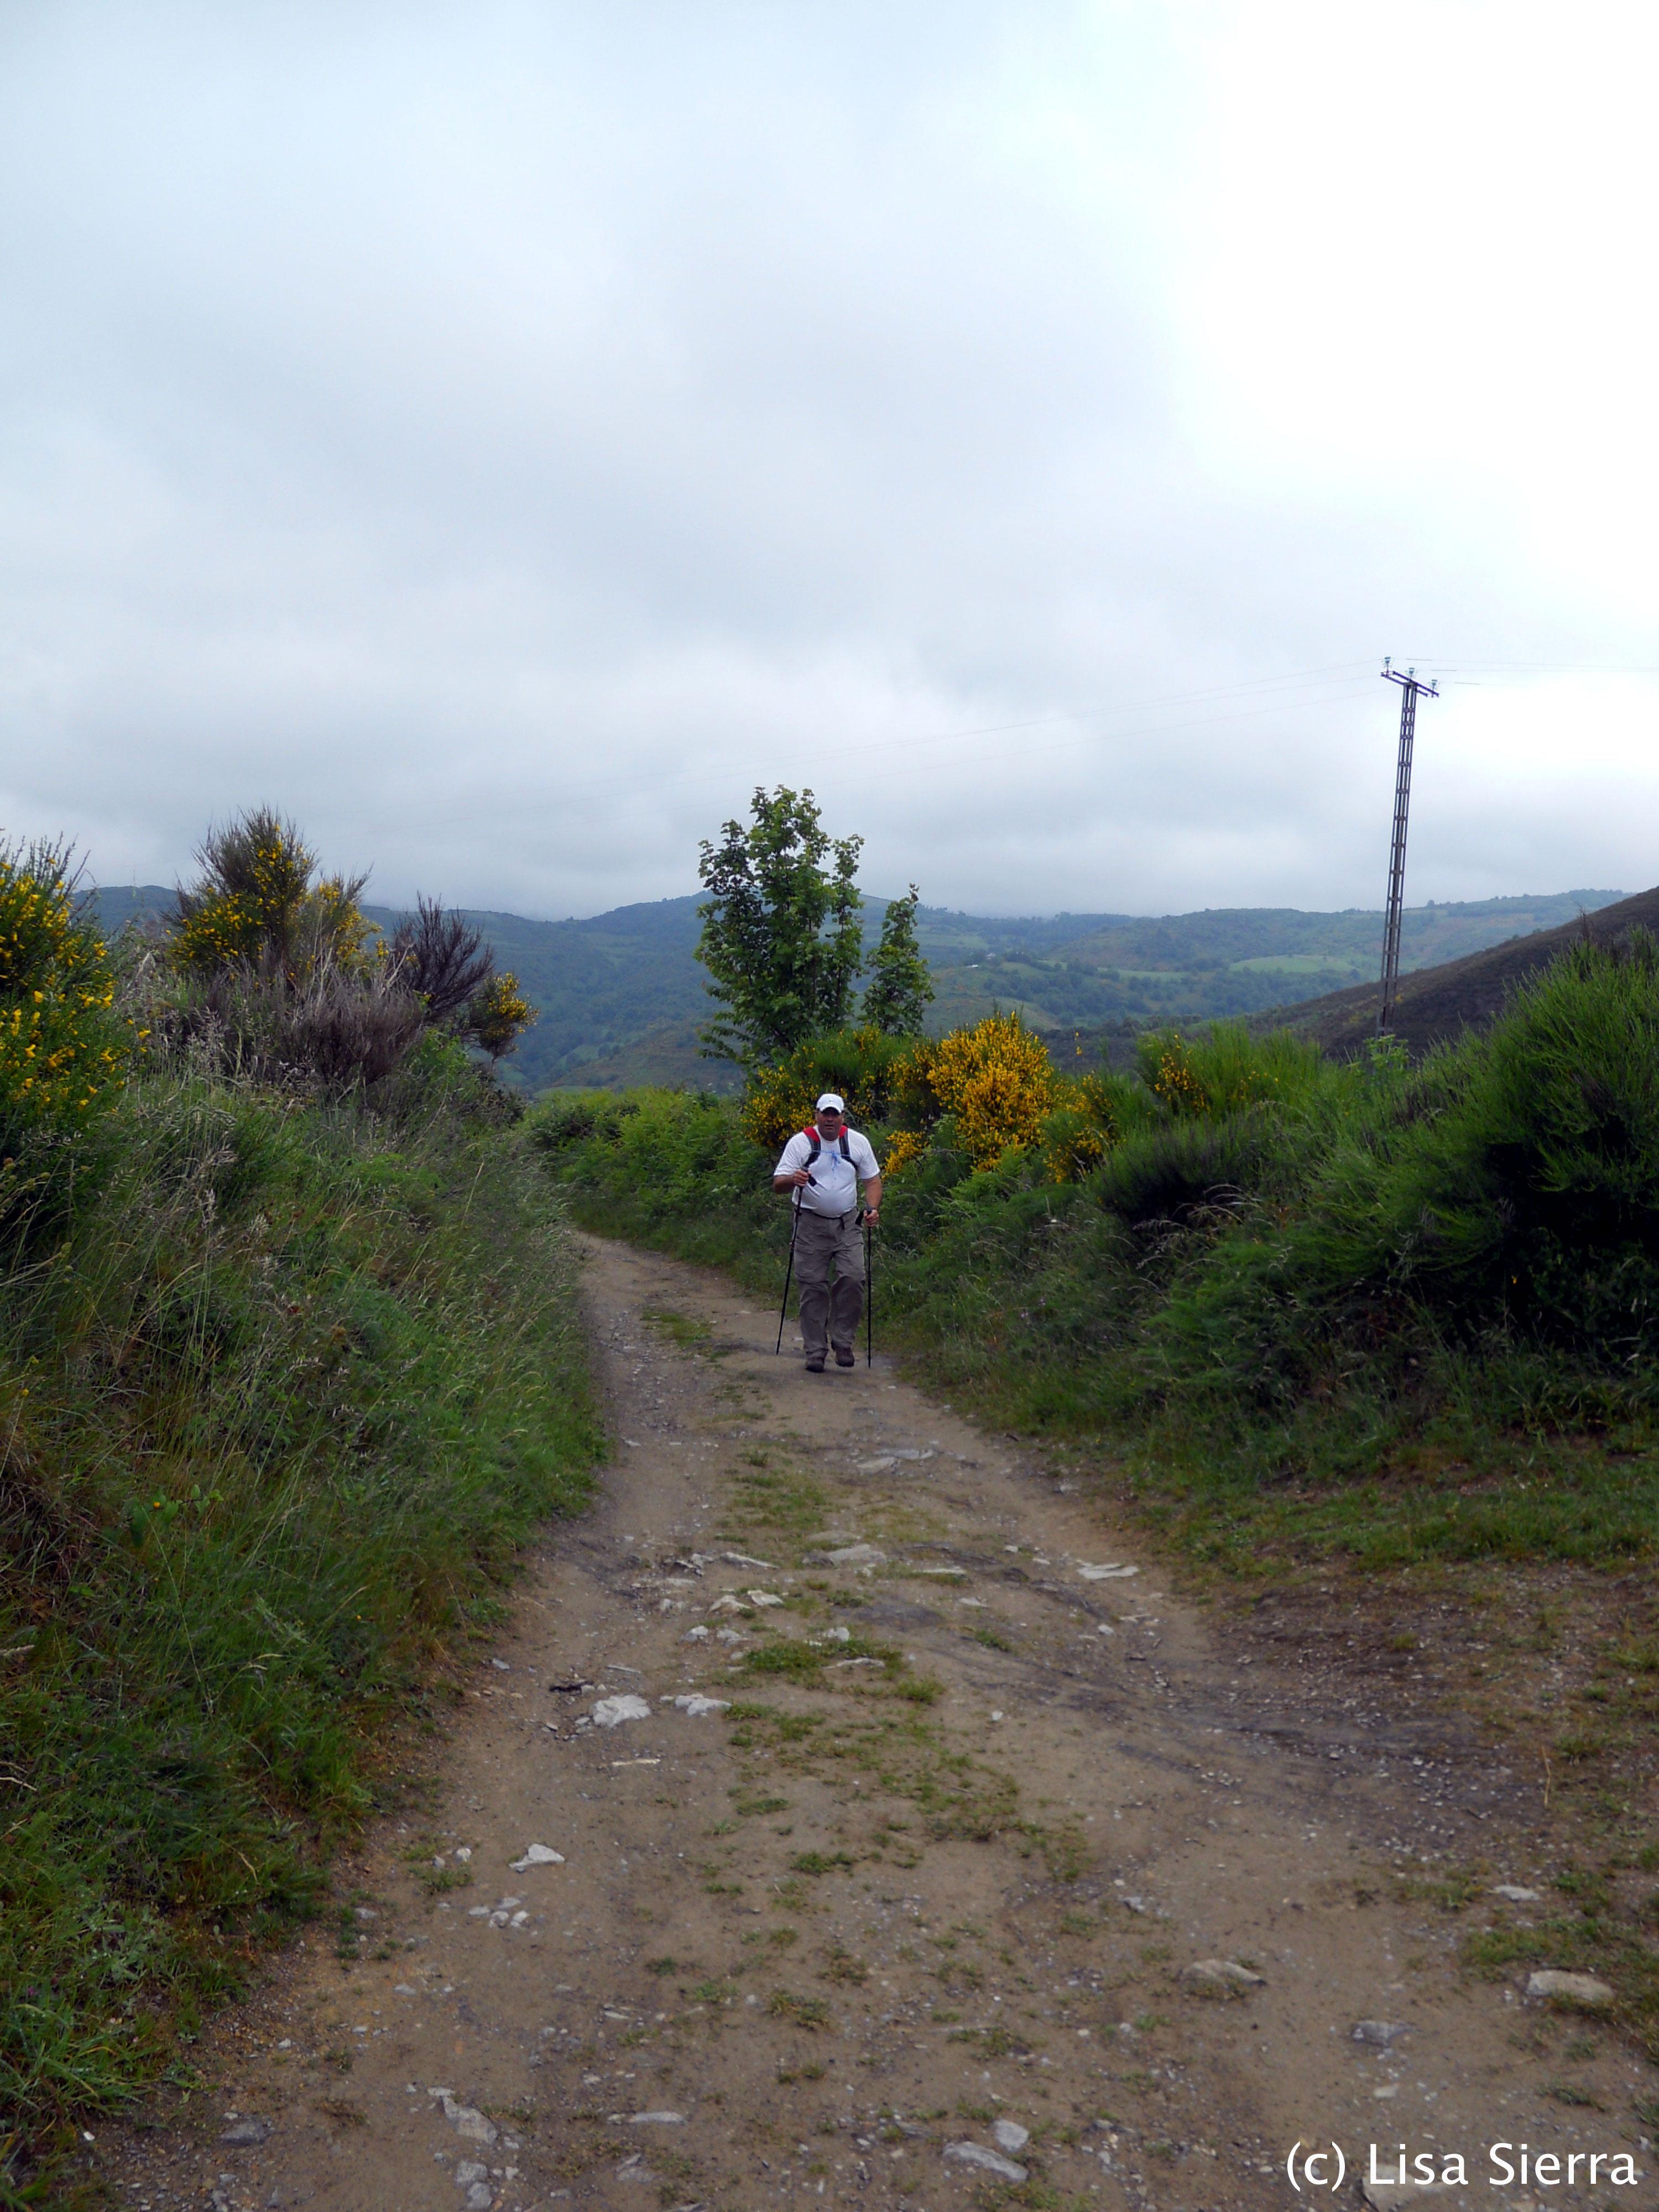 (c) El Camino de Santiago